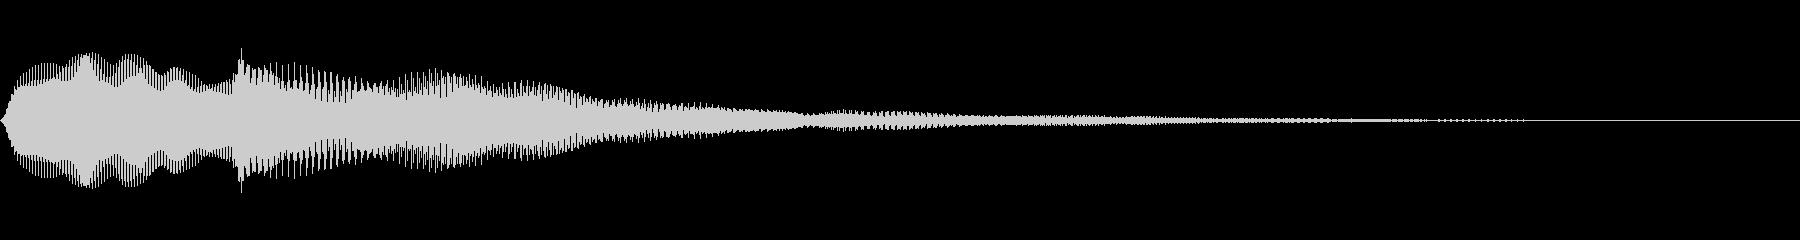 スイープを伴う危険ドローンの未再生の波形